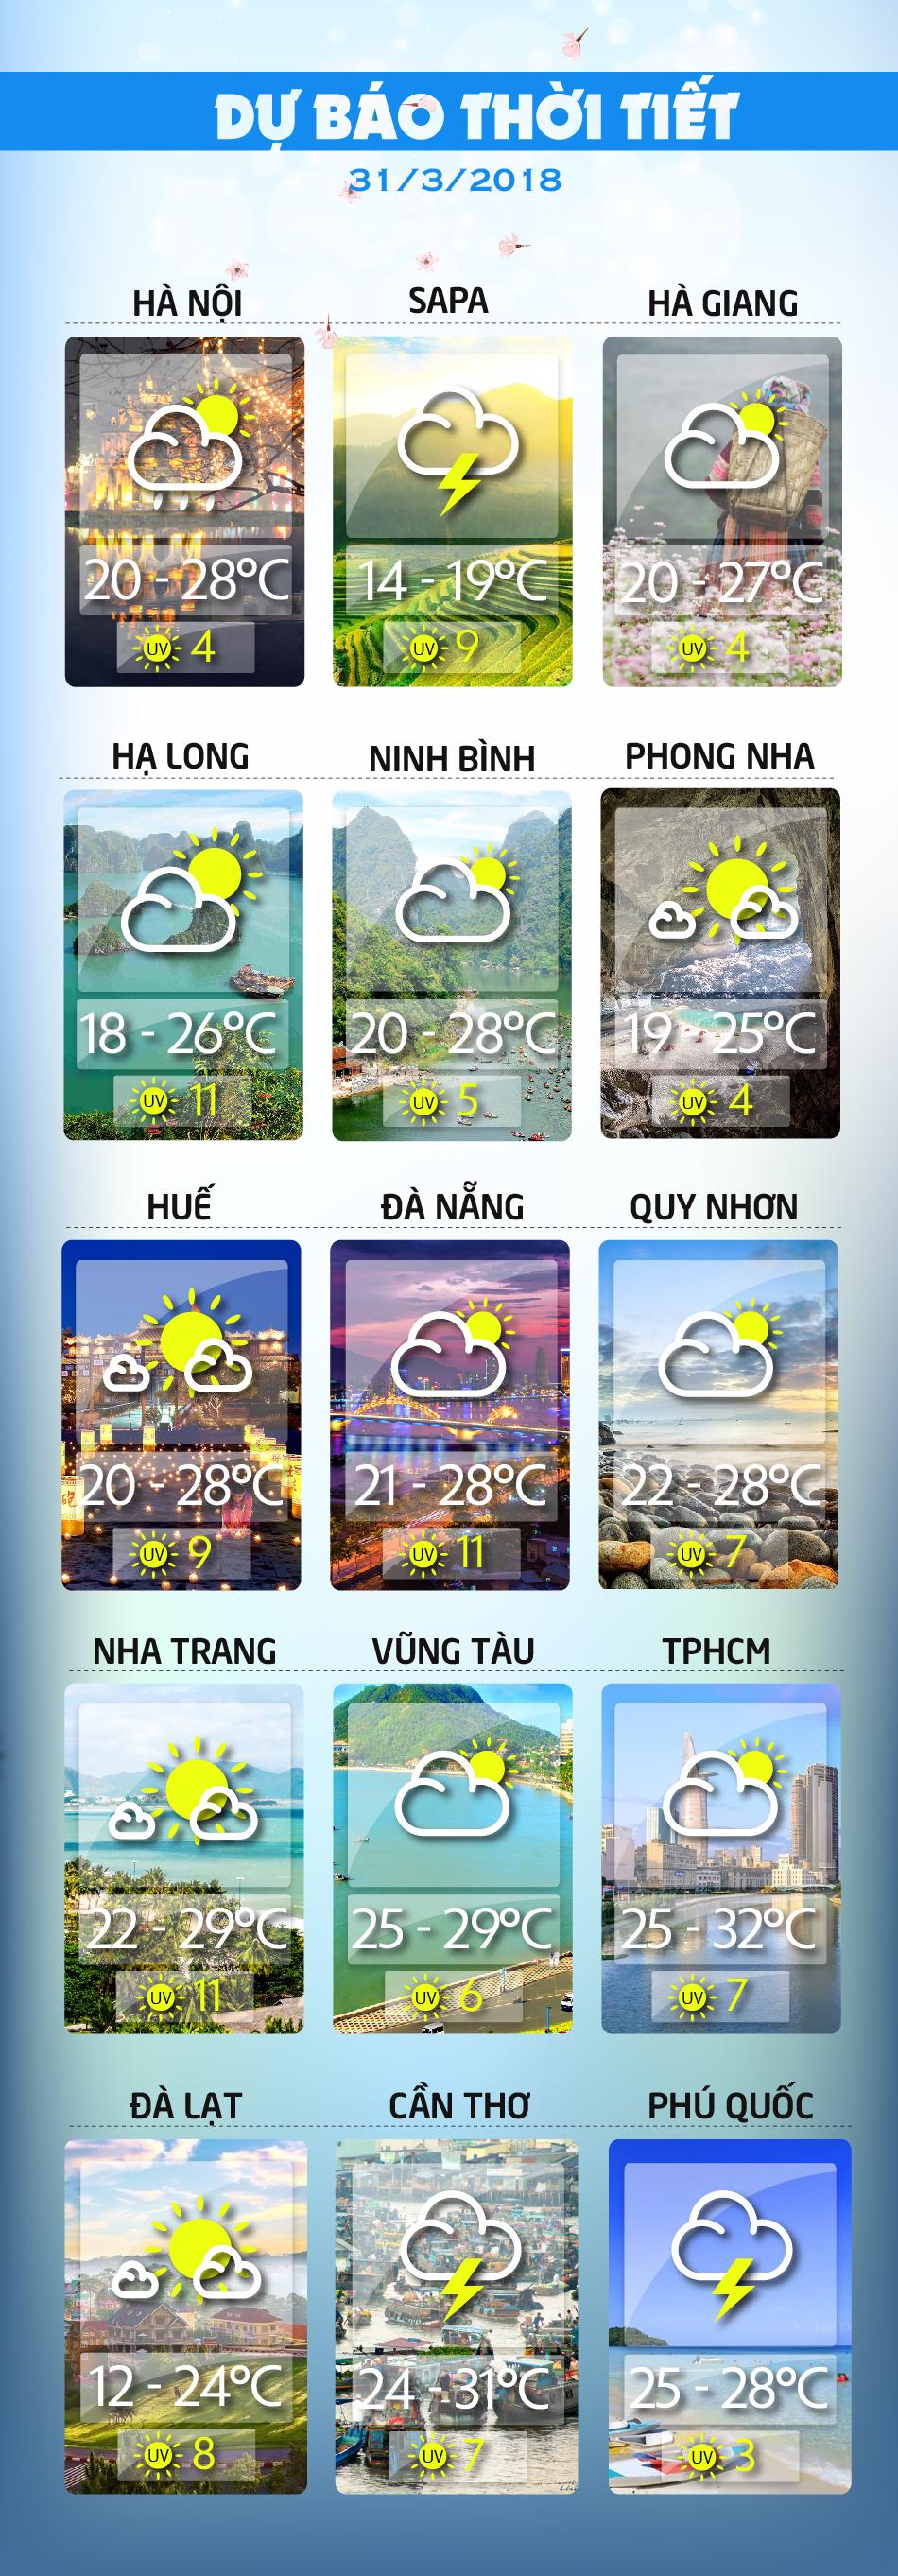 dự báo thời tiết, dự báo thời tiết ngày mai, dự báo thời tiết hôm nay, dự báo thời tiết biển, thời tiết TPHCM, thời tiết TPHCM hôm nay, Thời tiết Tây Bắc Bộ, Thời tiết Đông Bắc Bộ, Thời tiết các tỉnh từ Thanh Hóa đến Thừa Thiên Huế, Thời tiết các tỉnh từ Đà Nẵng đến Bình Thuận, Thời tiết Tây Nguyên, Thời tiết Nam bộ